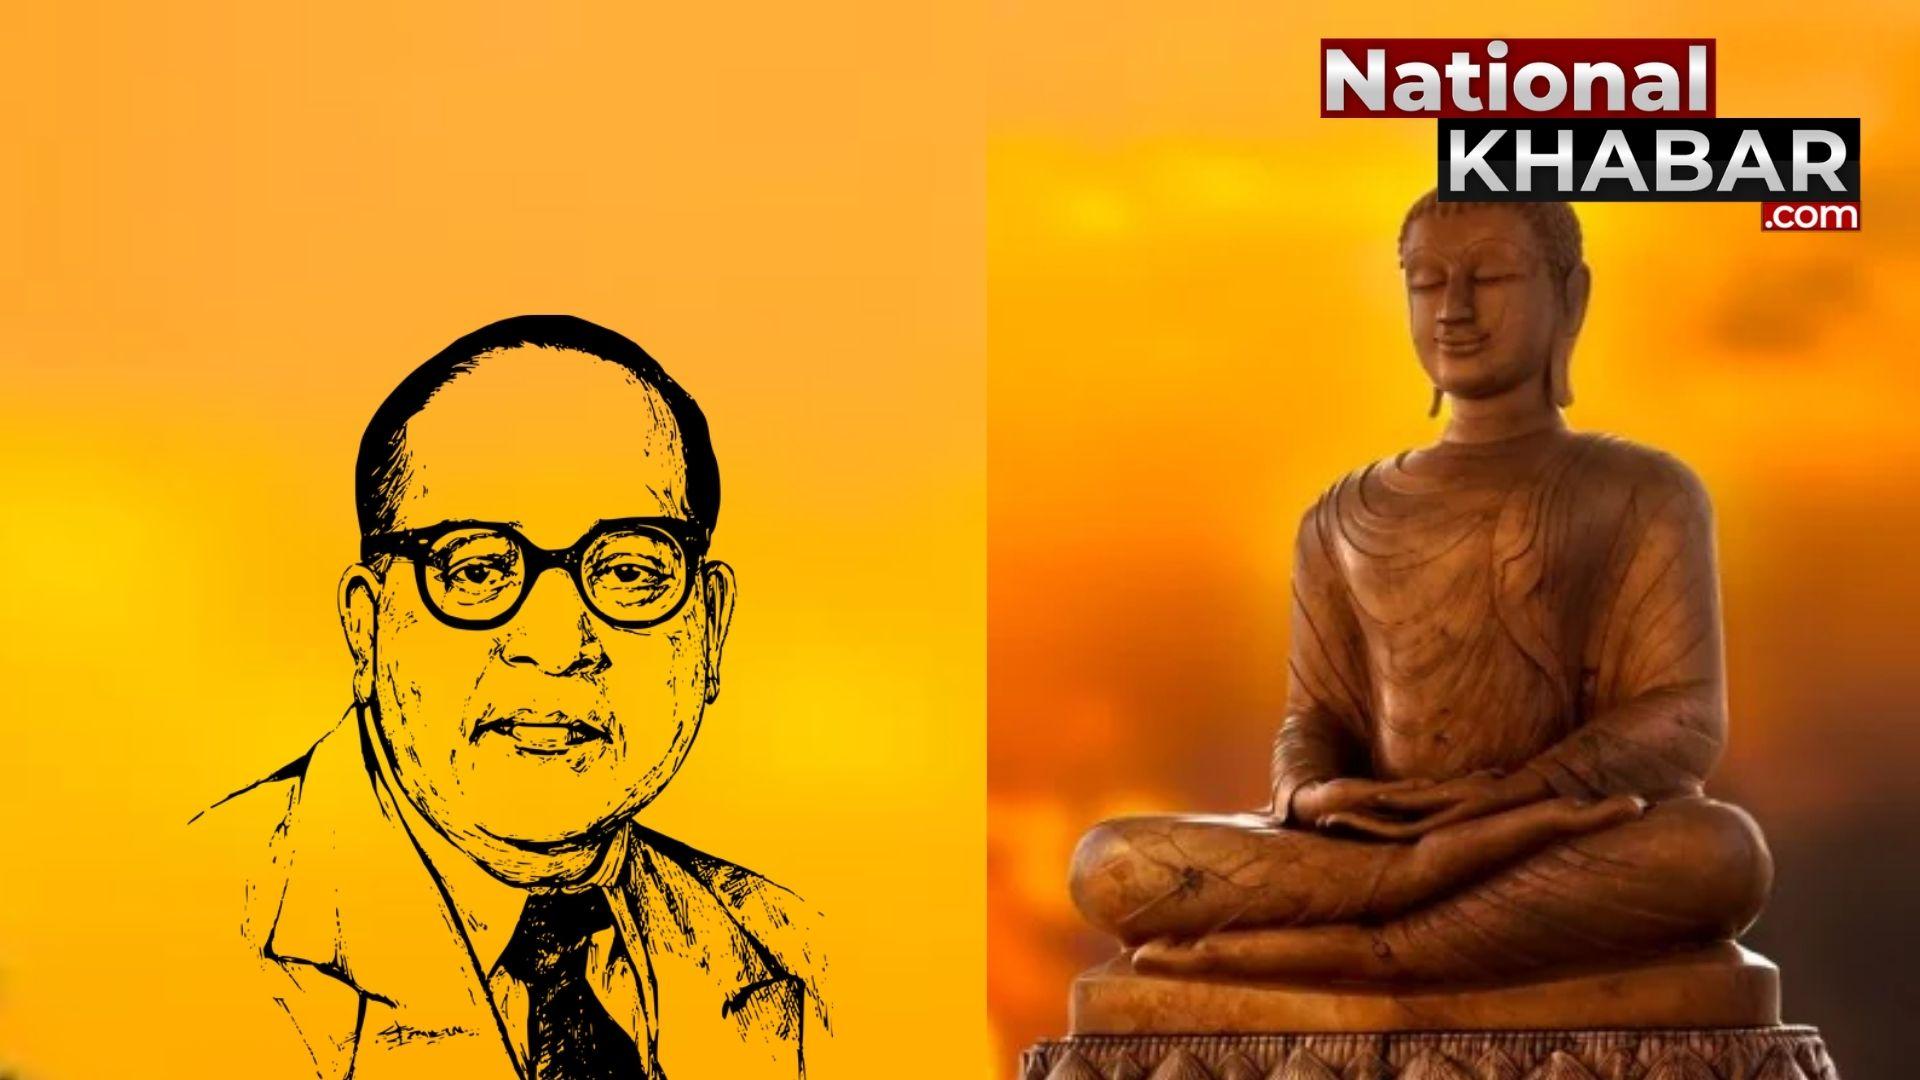 आज ही के दिन हुआ था भारत के इतिहास का सबसे बड़ा धर्म परिवर्तन, डॉ भीमराव अंबेडकर ने अपने 3.65 लाख समर्थकों के साथ अपनाया था बौद्ध धर्म